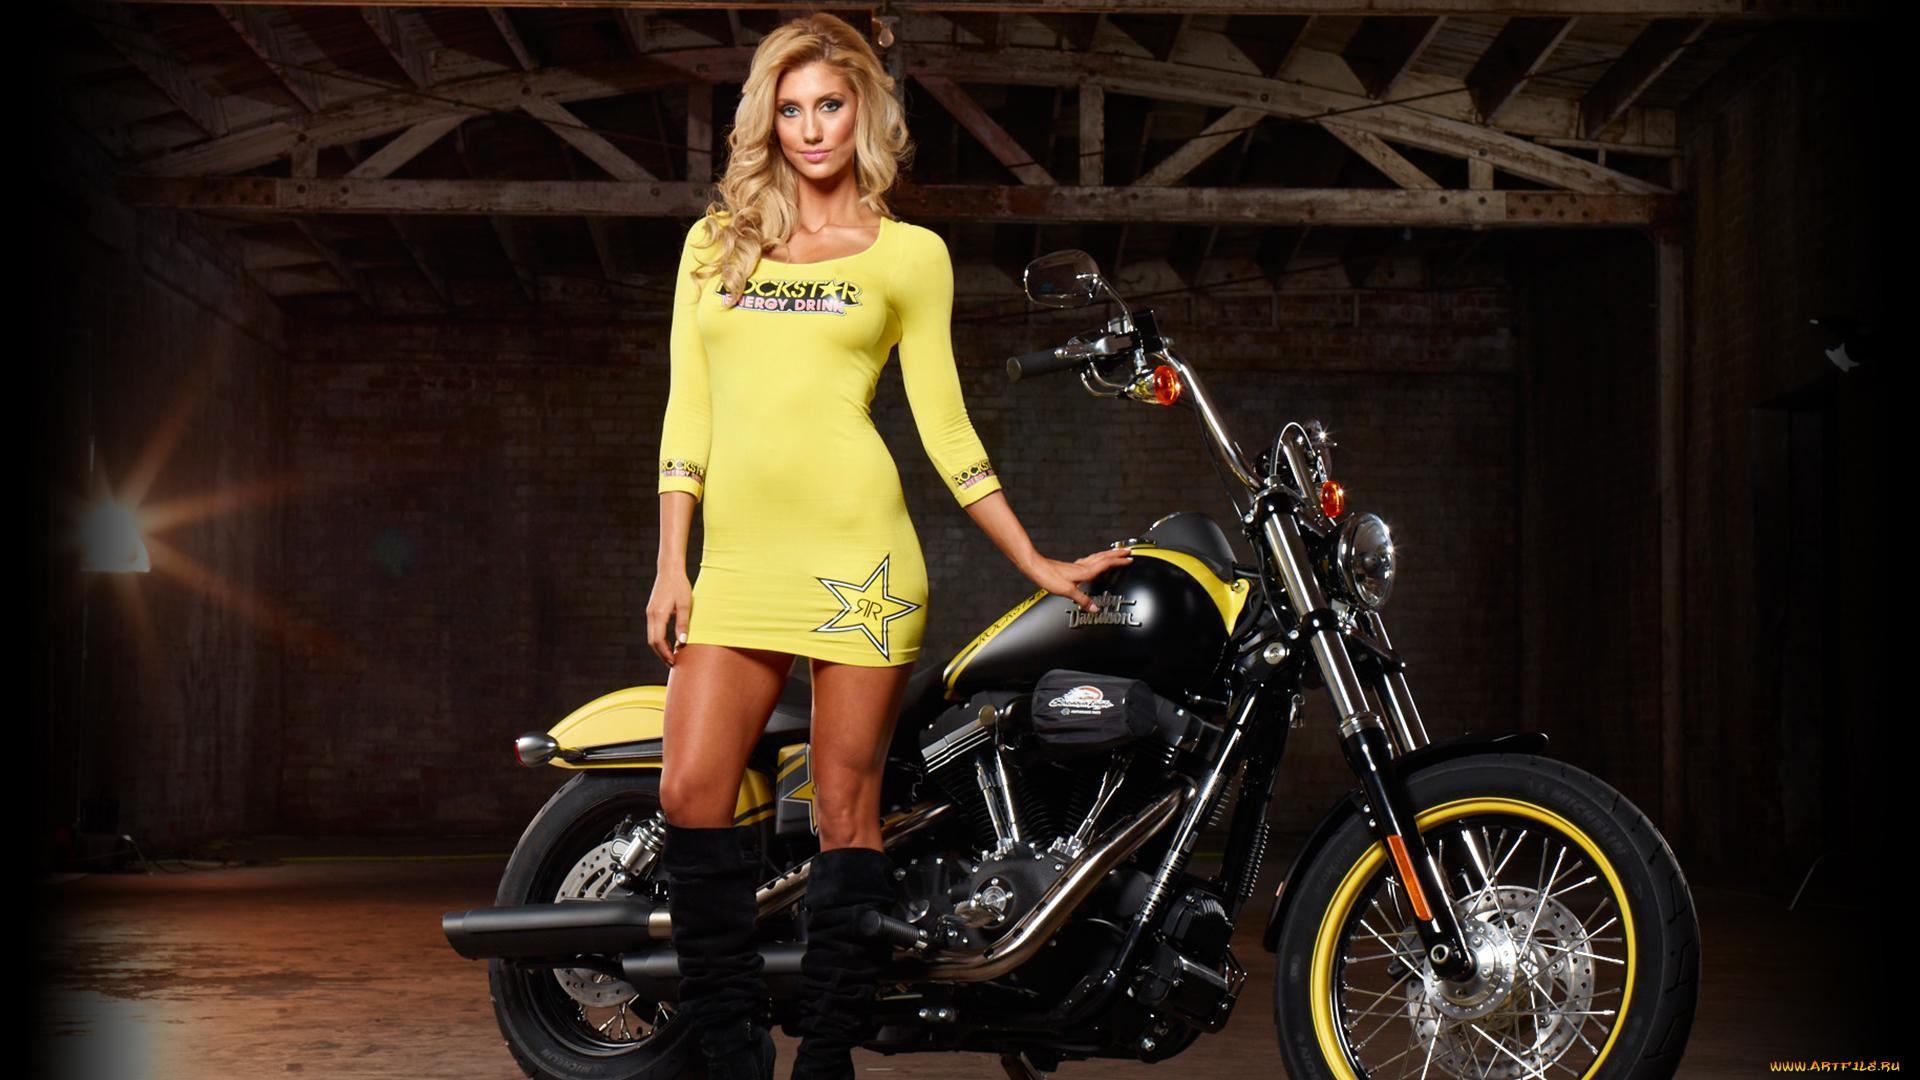 Frau bilder mit motorrad Ein Motorrad